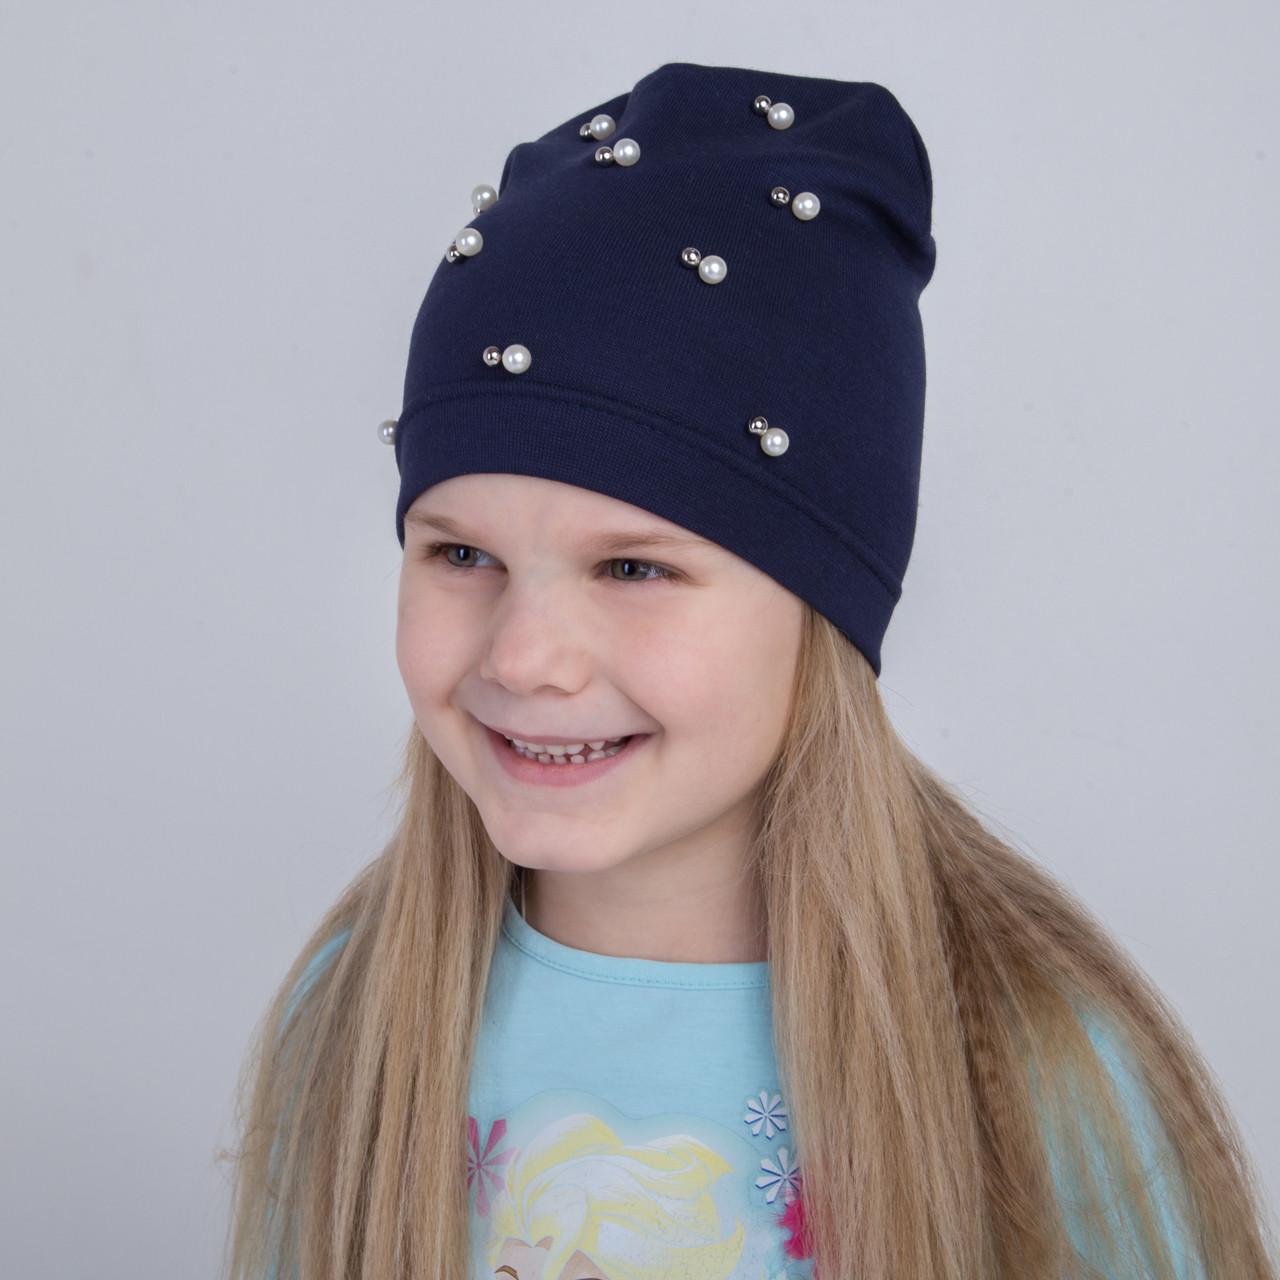 Модная весенняя шапка для девочек  - Бусинки - Артикул 2064